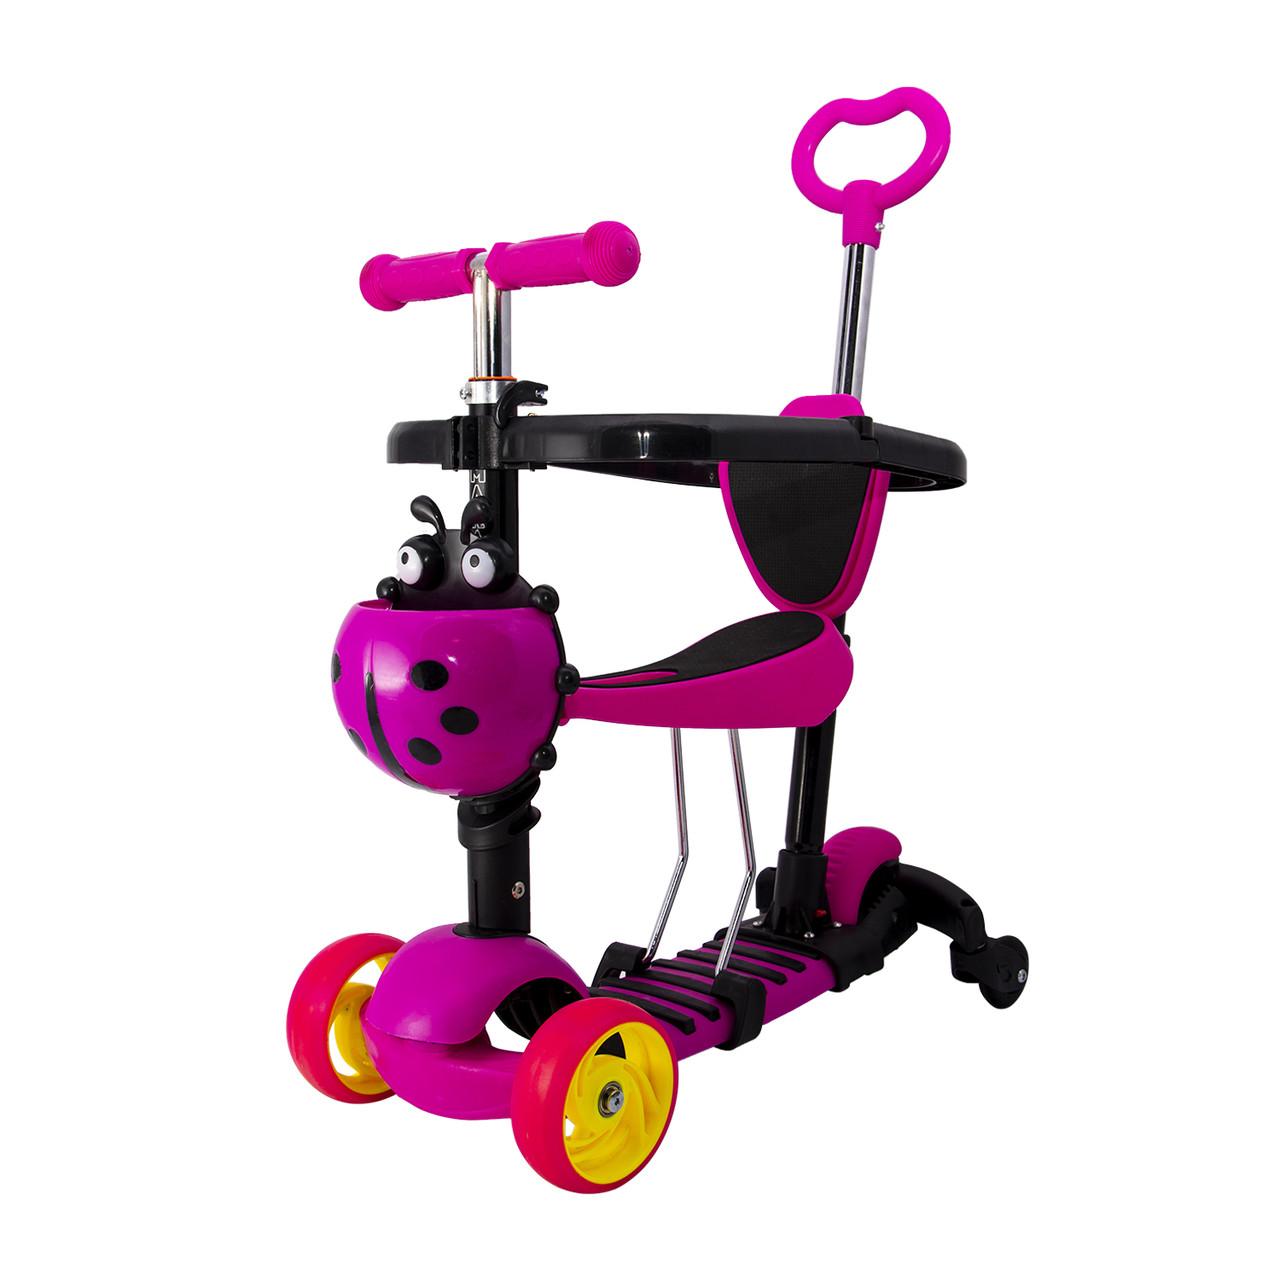 Детский самокат-беговел Maraton Onix Plus трехколесный с корзиной и родительской ручкой (розовый)